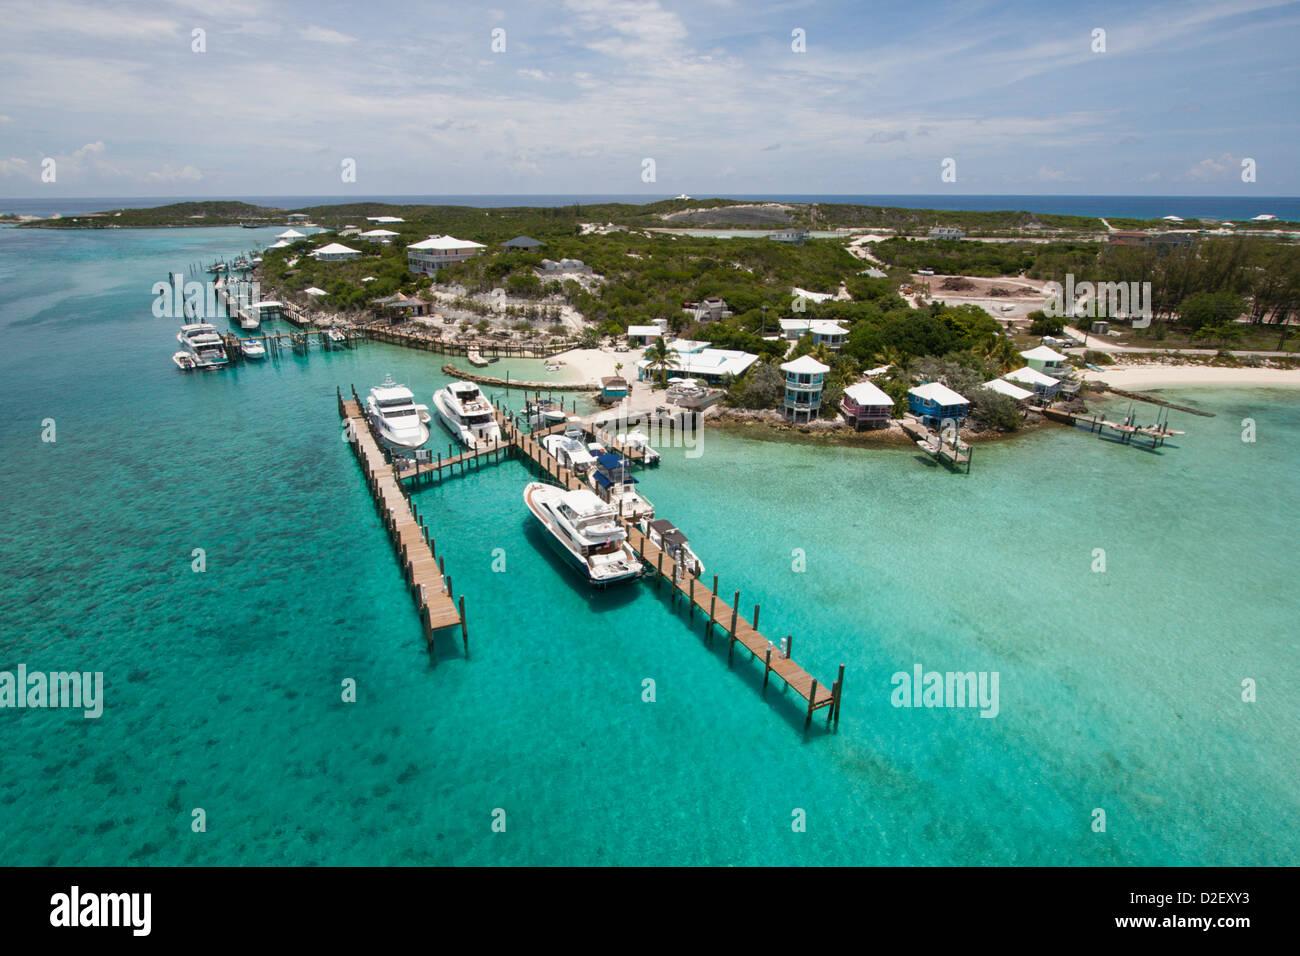 Staniel Cay, Exumas, Bahamas, from the air Stock Photo